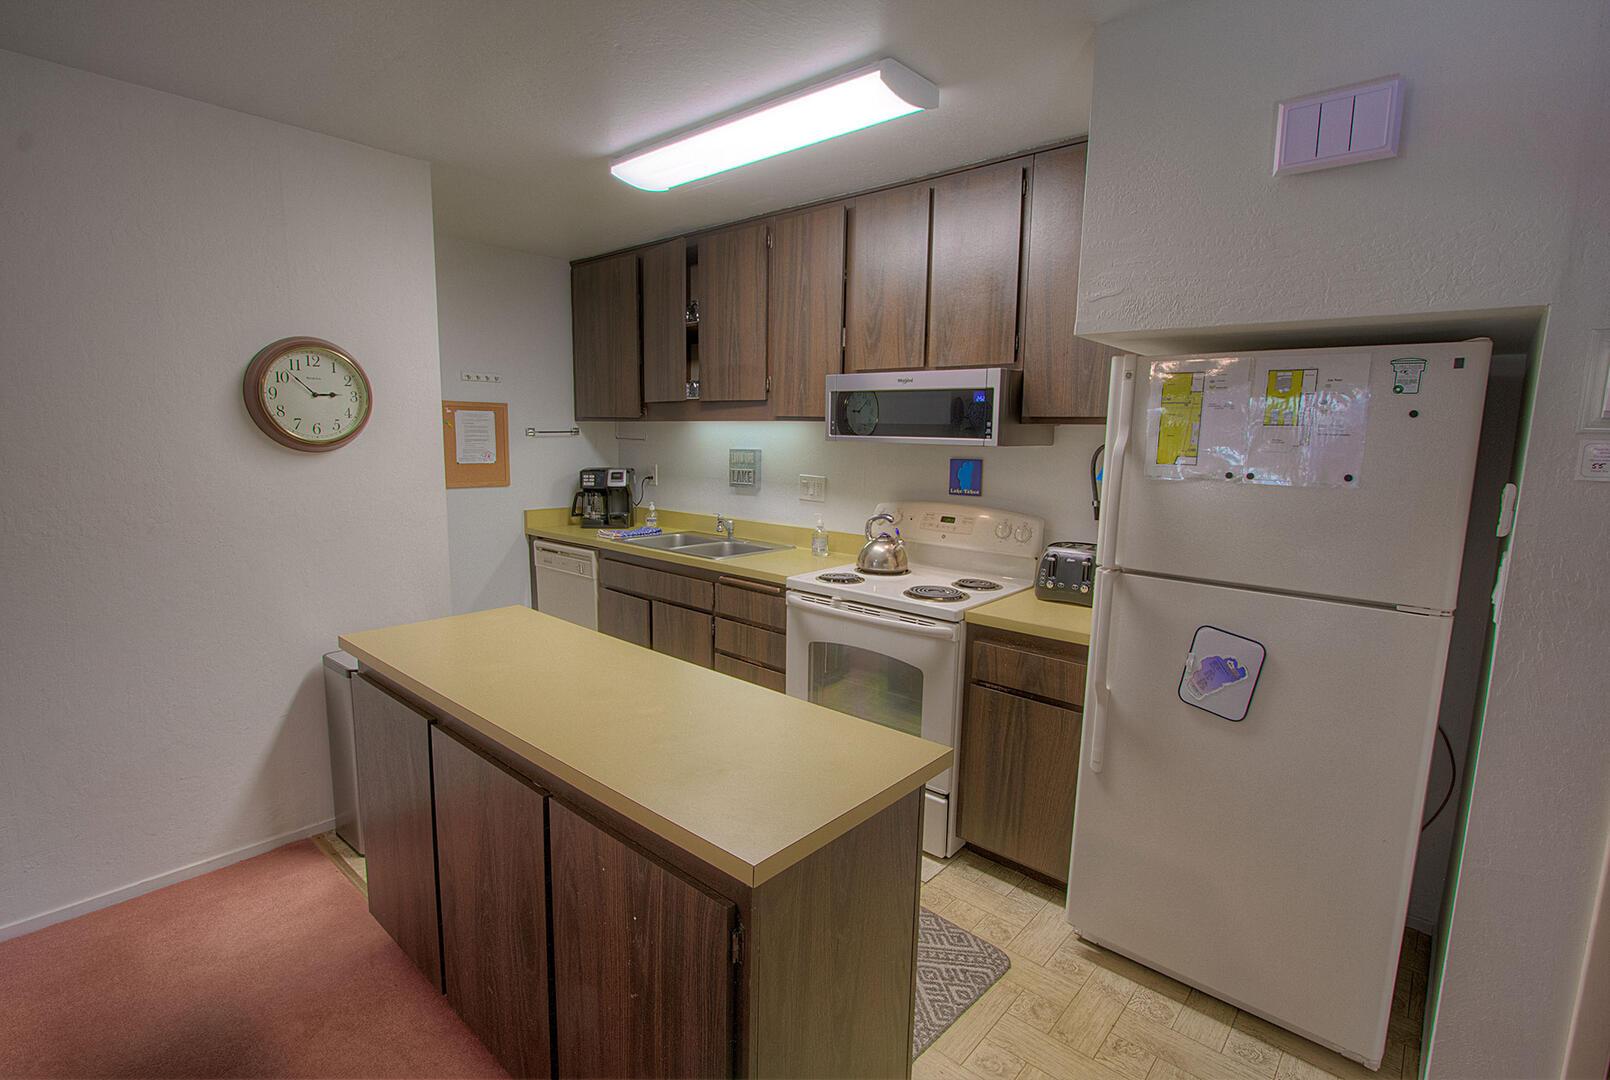 cdc0622 kitchen